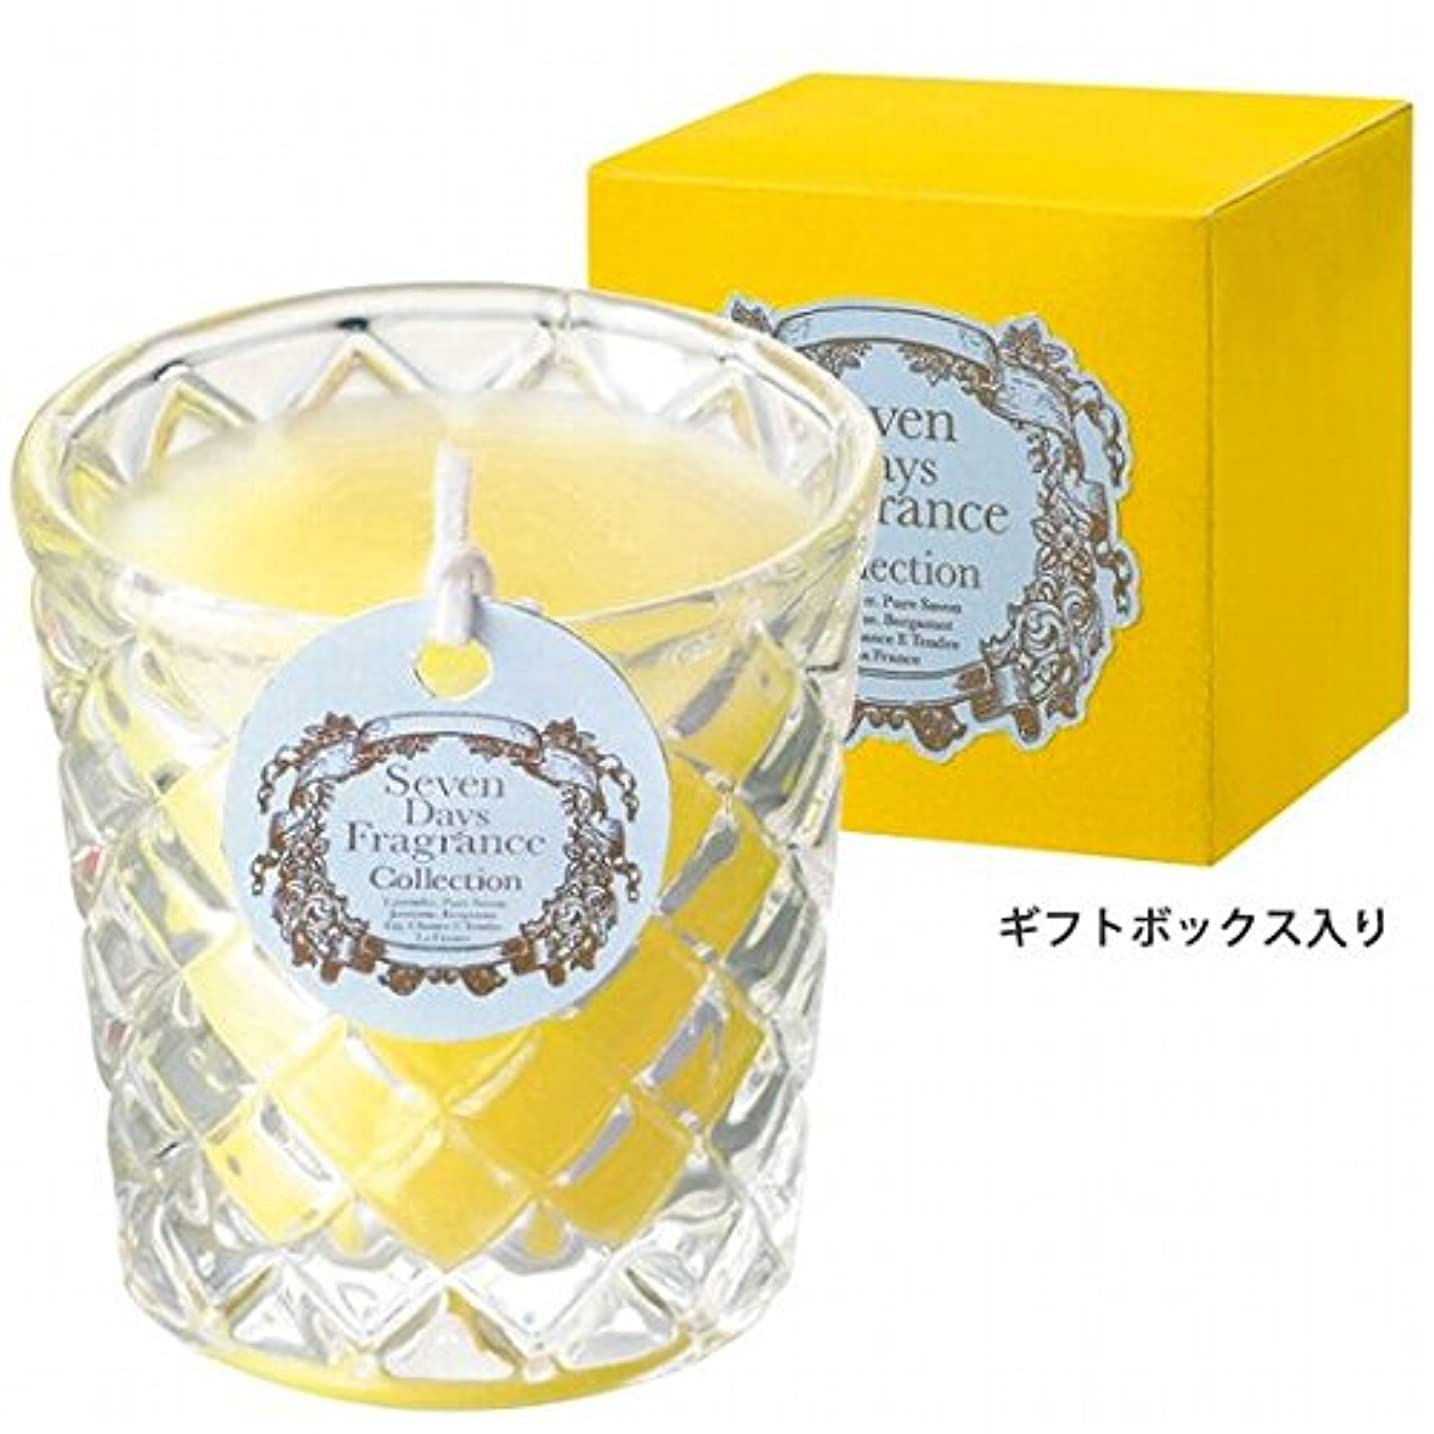 アレイ行方不明確かめるカメヤマキャンドル(kameyama candle) セブンデイズグラスキャンドル(水曜日) 「 ベルガモット 」